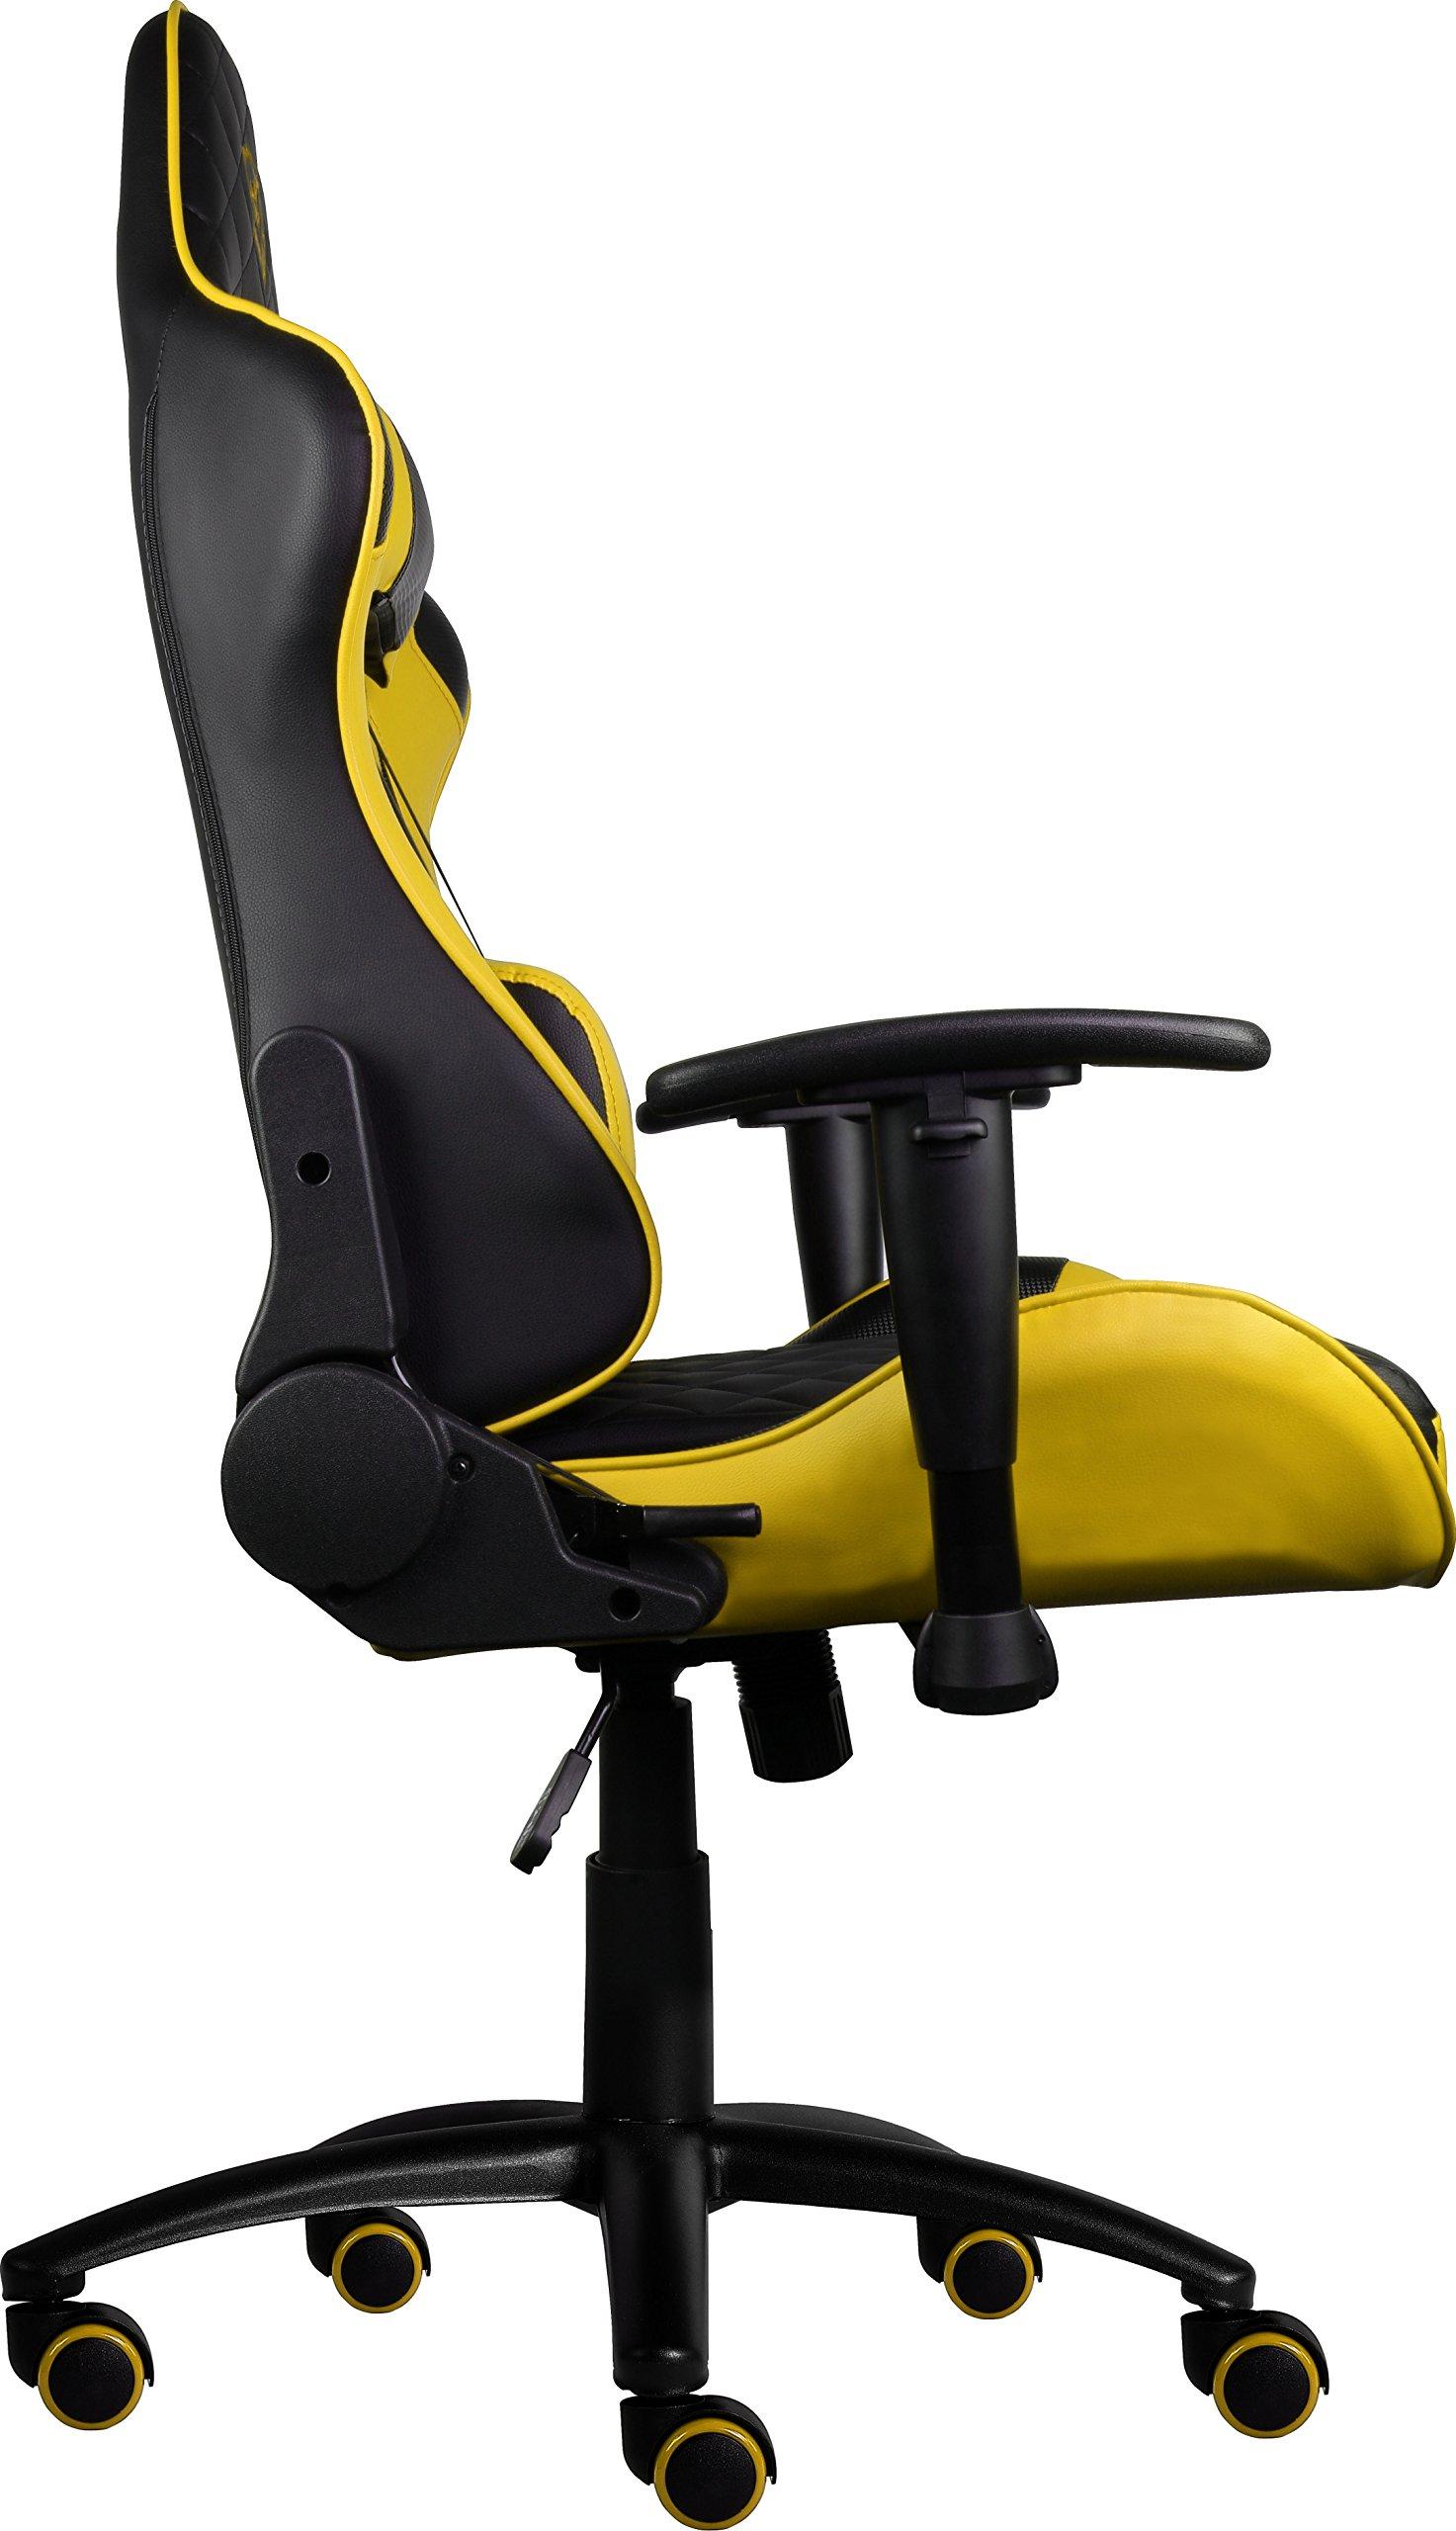 ThunderX3 TGC12BY- Silla gaming profesional- (Estilo Racing, Cuero sintético, Inclinación y altura regulable, Apoyabrazos, Reposacabezas, Cojín lumbar) Color Negro y Amarillo